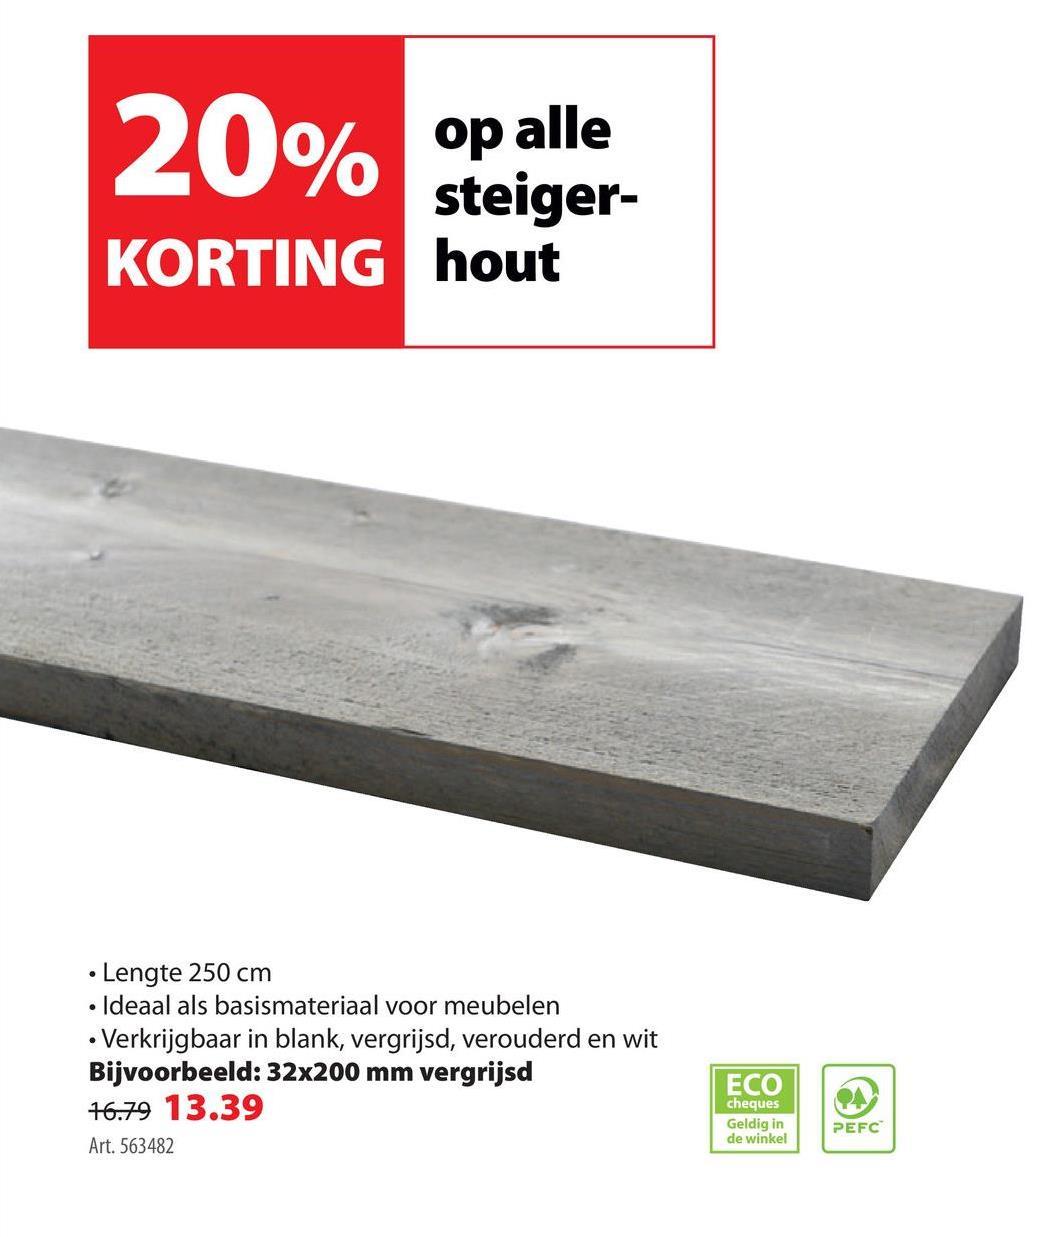 Steigerhout vuren vergrijsd PEFC 32x200 mm 250 cm Met deze plank van steigerhout vergrijsd 32x200mm 250cm creëer je een natuurlijke, vergrijsde sfeer in huis of in jouw tuin. De plank is geschikt voor het maken van de meest uiteenlopende producten. Denk daarbij aan een plantenbak, bed of tuinbank. De plank van 2,5m lengte is 20cm breed en 32mm dik. RAL 7042 komt (bij benadering) overeen met de kleur van het steigerhout. De plank is behandeld met een transparante grey-wash beits. Wil je ideeën opdoen voor een creatief zelfmaakproject? Download dan één van de stappenplannen van deze website. Met deze steigerplank in greywash kan je zelf diverse meubels of accessoires maken.